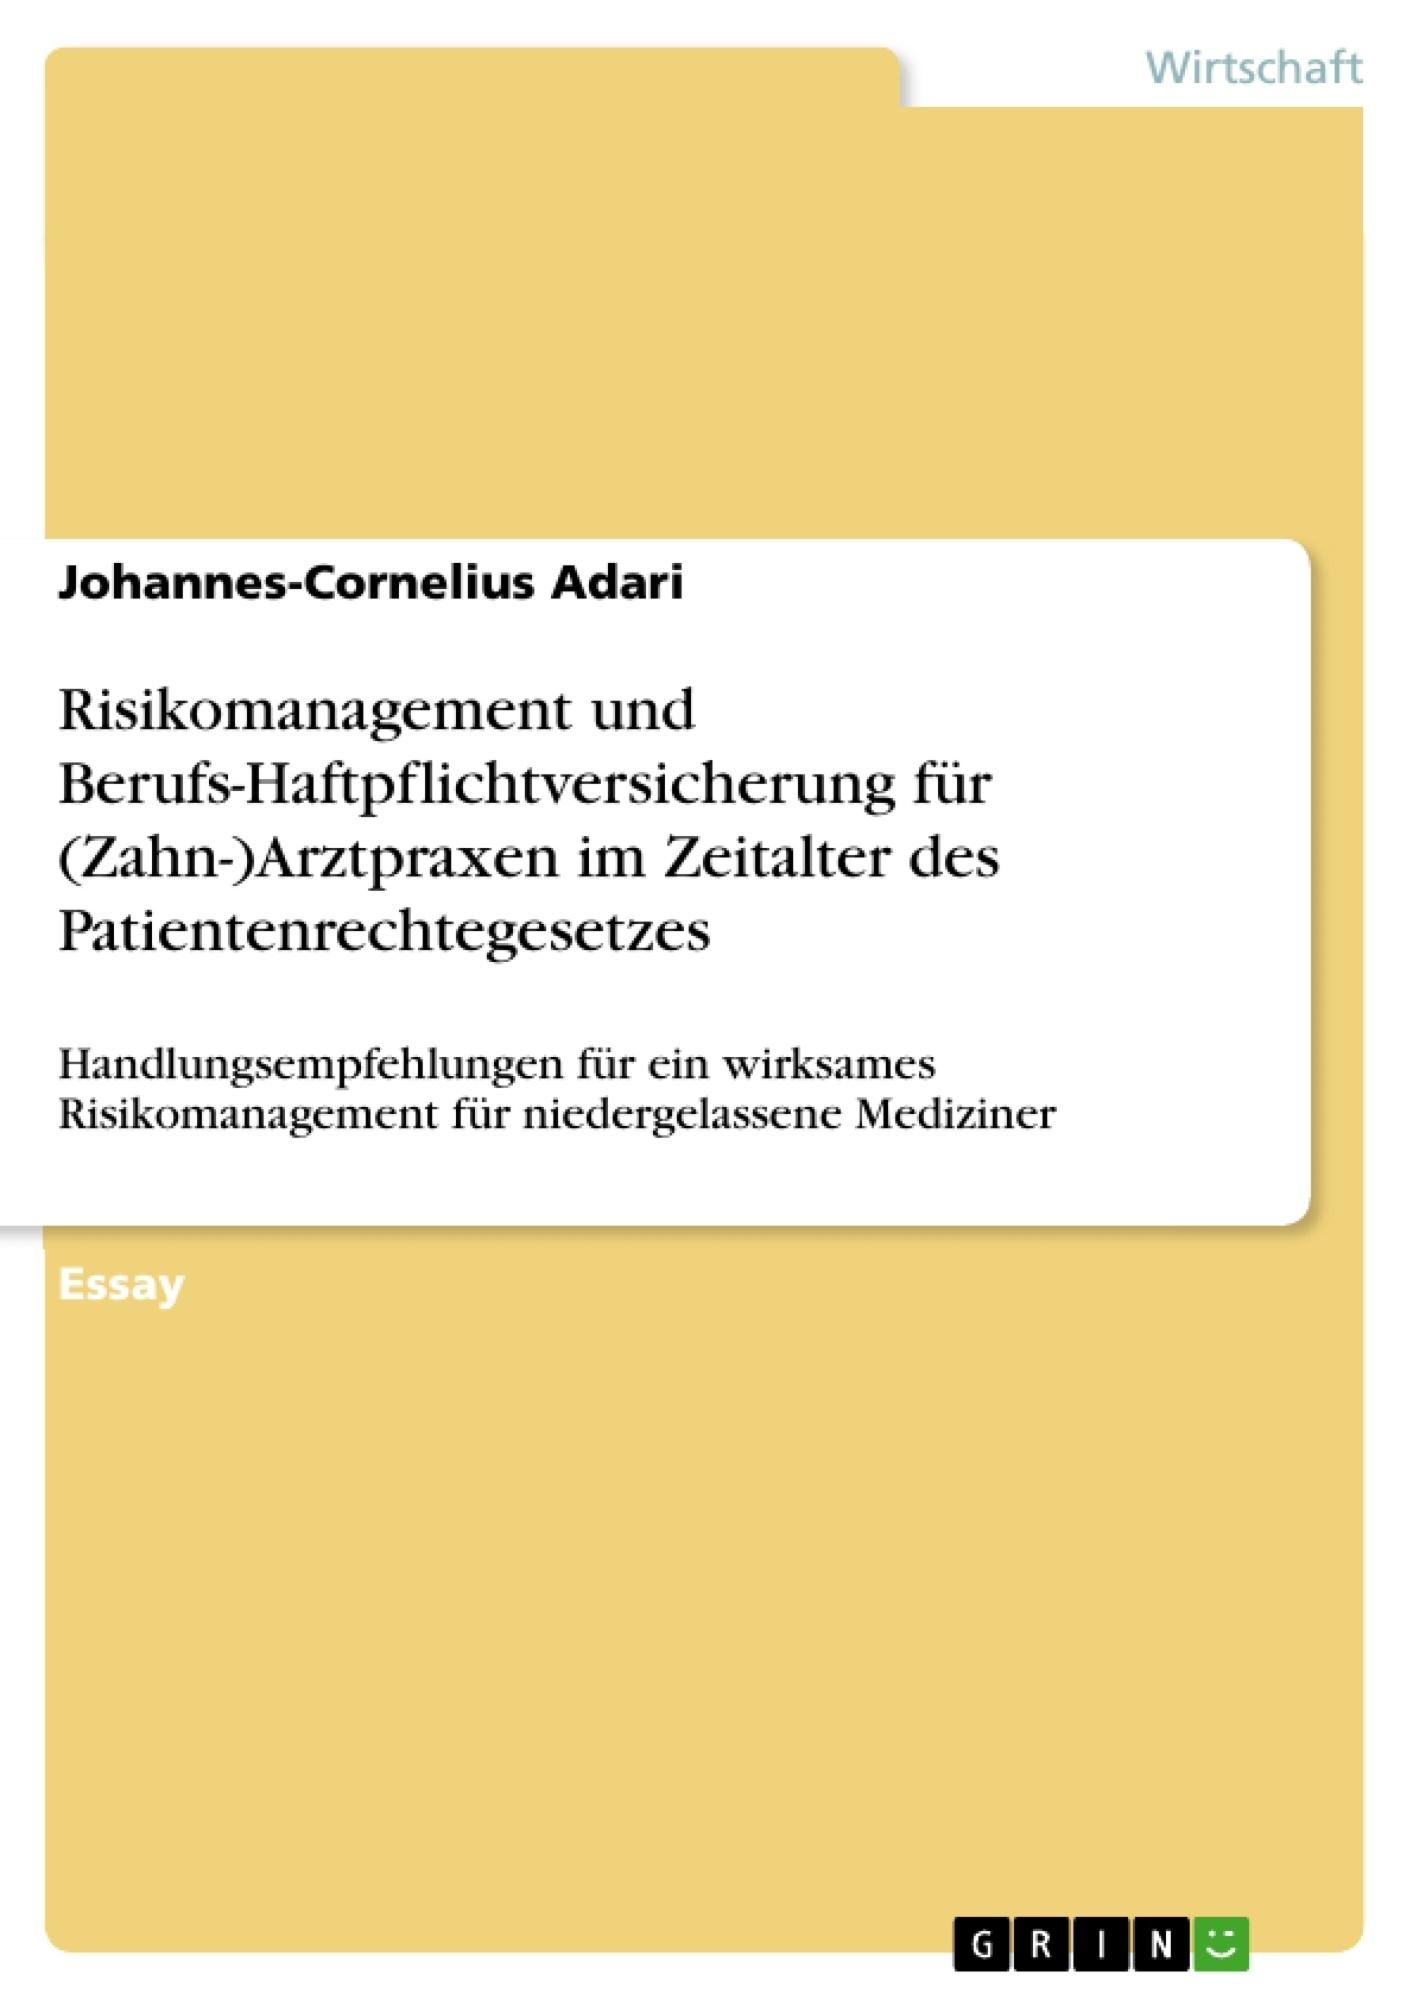 Titel: Risikomanagement und Berufs-Haftpflichtversicherung für (Zahn-)Arztpraxen im Zeitalter des Patientenrechtegesetzes